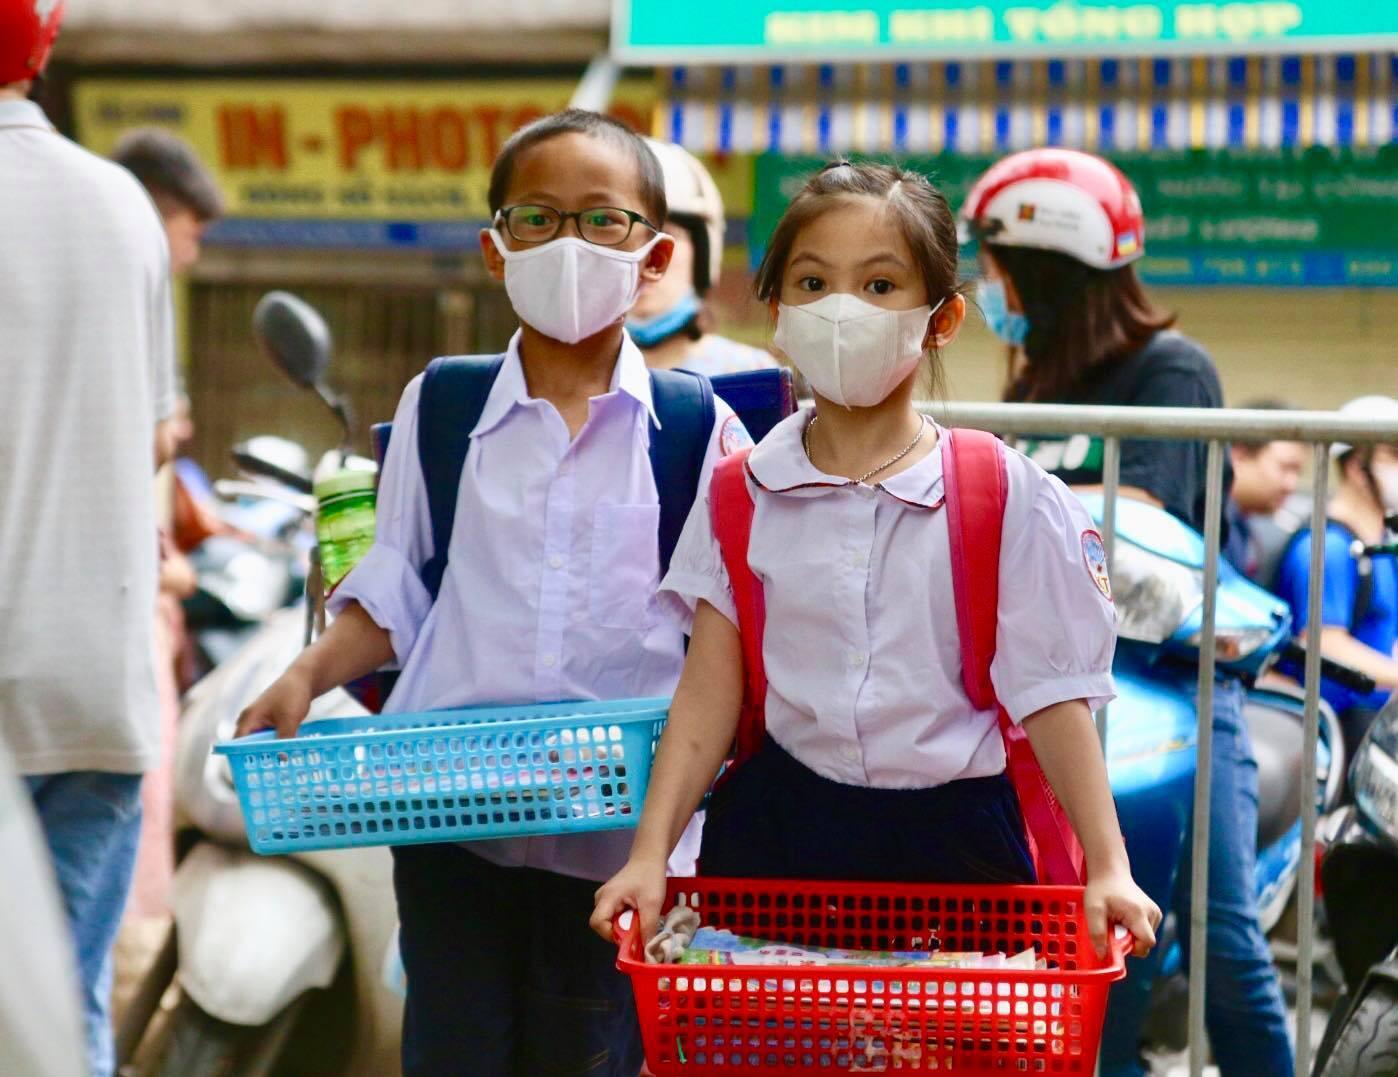 Học sinh mầm non, tiểu học Hà Nội đi học trở lại: Nhiều em ngơ ngác quên vị trí lớp học - Ảnh 3